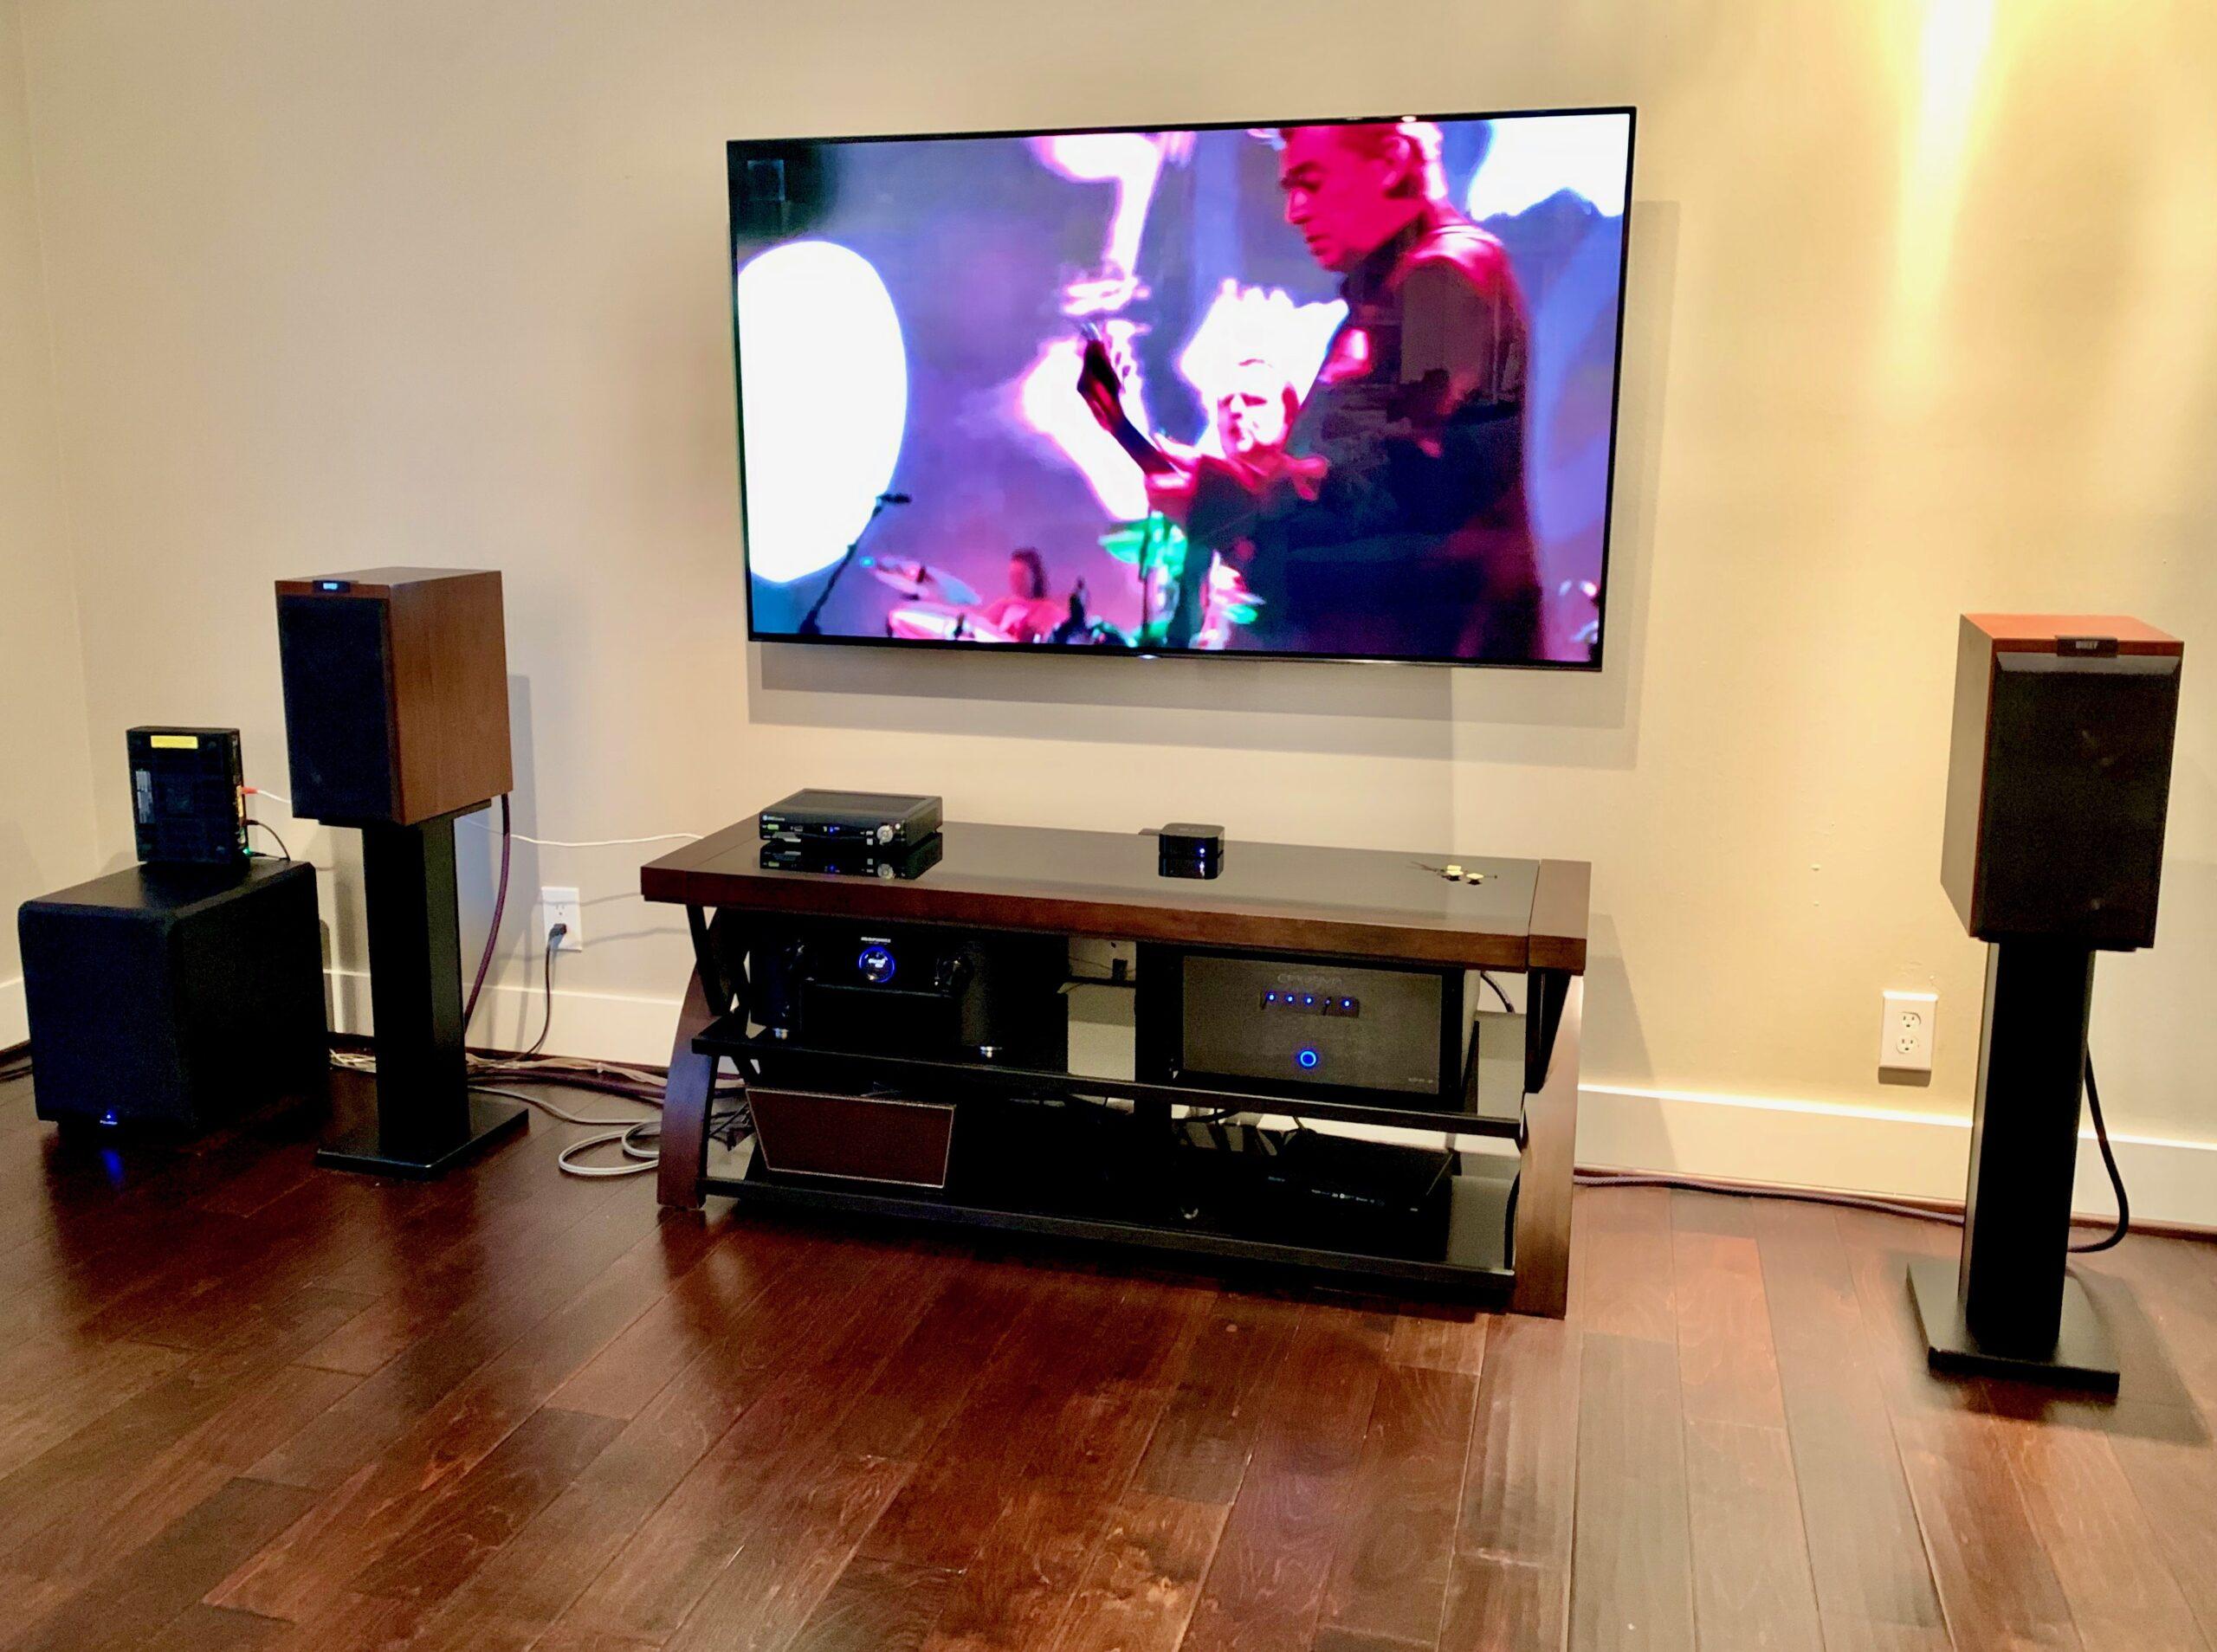 Samsung Framed TV and loudspeaker audio system